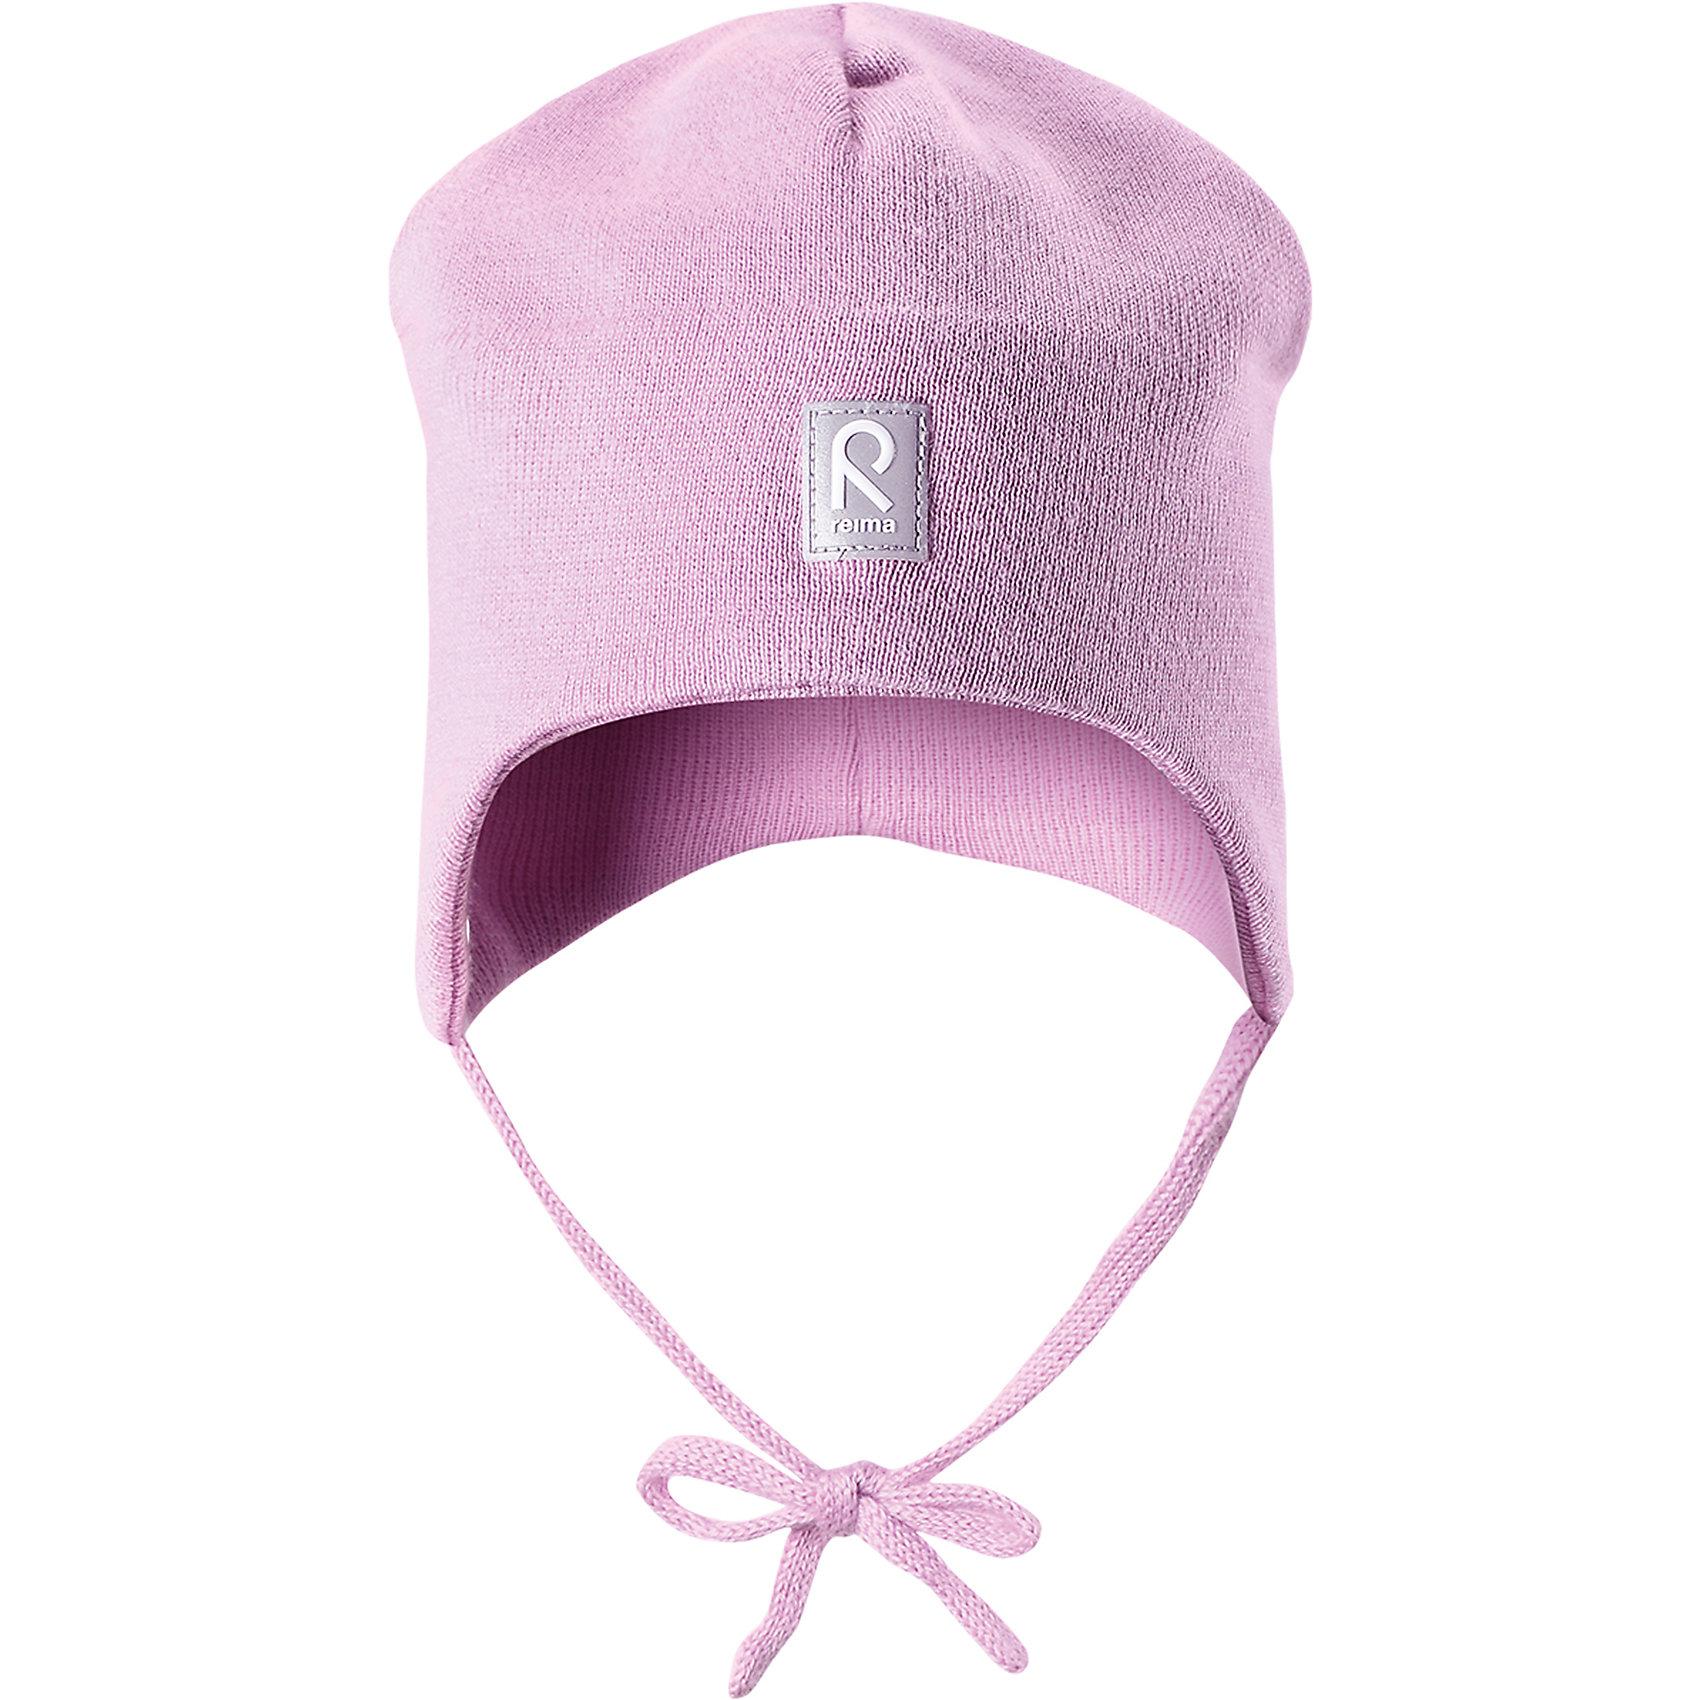 Шапка Aqueous для девочки  ReimaШапочки<br>Характеристики товара:<br><br>• цвет: светло-розовый<br>• состав: 100% хлопок<br>• полуподкладка: хлопковый трикотаж<br>• температурный режим: от 0С до +10С<br>• эластичный хлопковый трикотаж<br>• инделие сертифицированно по стандарту Oeko-Tex на продукция класса 1 - одежда для новорождённых<br>• ветронепроницаемые вставки в области ушей<br>• завязки во всех размерах<br>• эмблема Reima спереди<br>• светоотражающие детали<br>• страна бренда: Финляндия<br>• страна производства: Китай<br><br>Детский головной убор может быть модным и удобным одновременно! Стильная шапка поможет обеспечить ребенку комфорт и дополнить наряд. Шапка удобно сидит и аккуратно выглядит. Проста в уходе, долго служит. Стильный дизайн разрабатывался специально для детей. Отличная защита от дождя и ветра!<br><br>Уход:<br><br>• стирать по отдельности, вывернув наизнанку<br>• придать первоначальную форму вo влажном виде<br>• возможна усадка 5 %.<br><br>Шапку от финского бренда Reima (Рейма) можно купить в нашем интернет-магазине.<br><br>Ширина мм: 89<br>Глубина мм: 117<br>Высота мм: 44<br>Вес г: 155<br>Цвет: розовый<br>Возраст от месяцев: 9<br>Возраст до месяцев: 18<br>Пол: Женский<br>Возраст: Детский<br>Размер: 48,52,46,50<br>SKU: 5271100